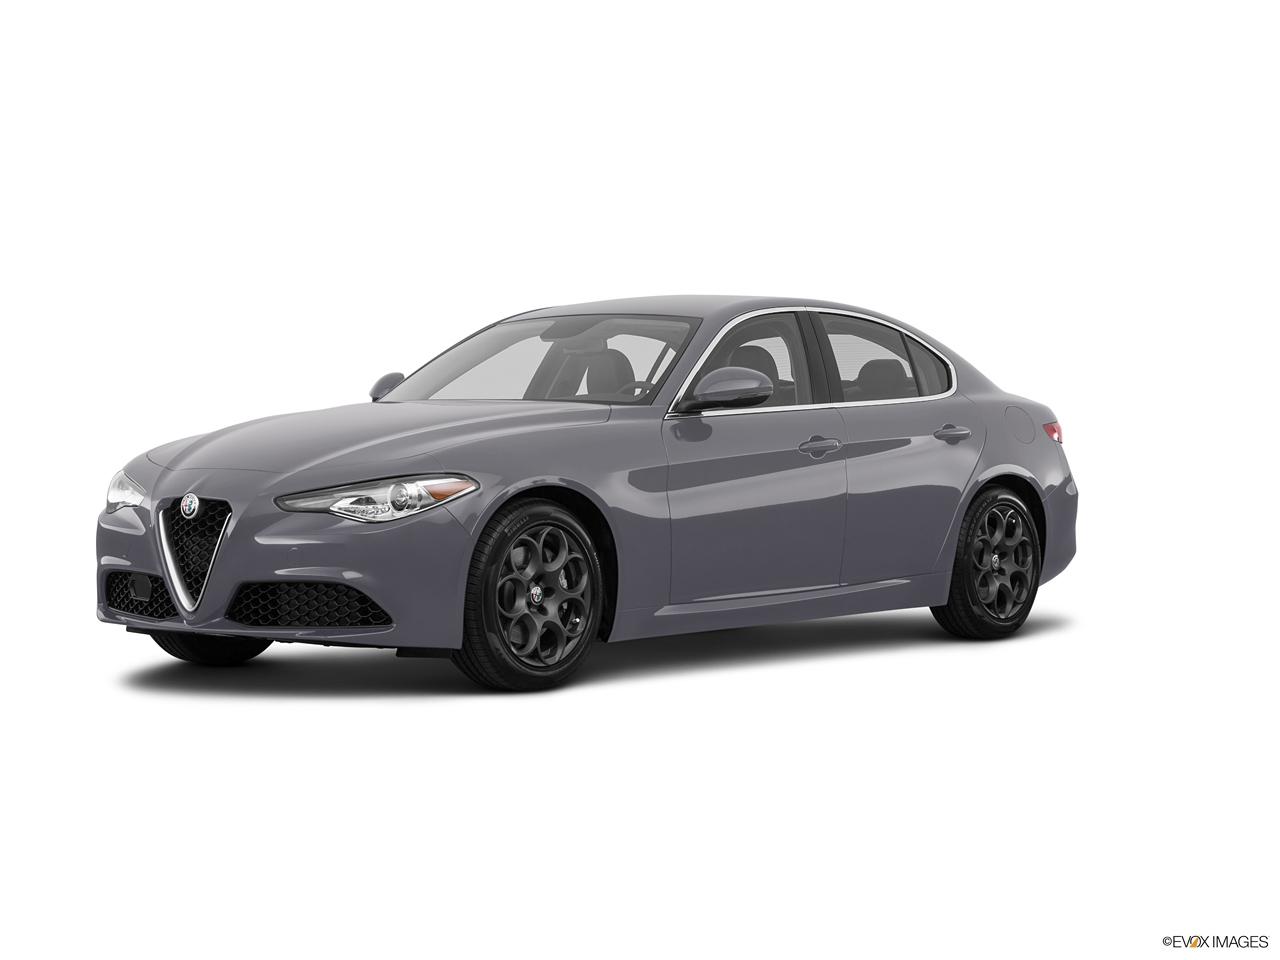 Alfa romeo giulietta super veloce 2017 13